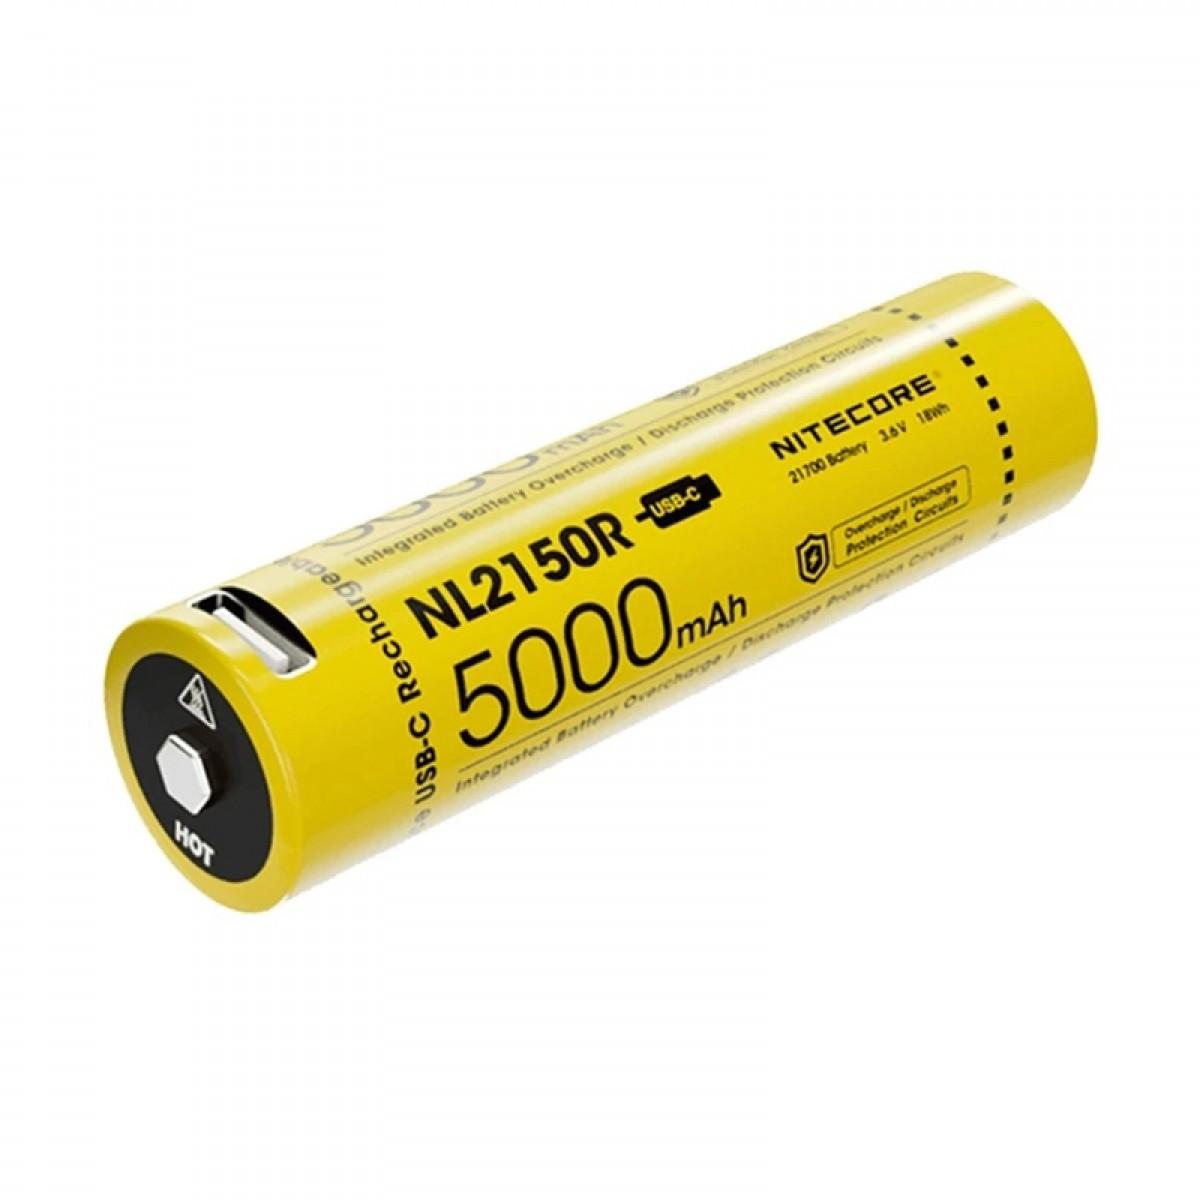 Nitecore 21700 5000mAh 3.6V USB-C Rechargeable Li-ion Battery NL2150R